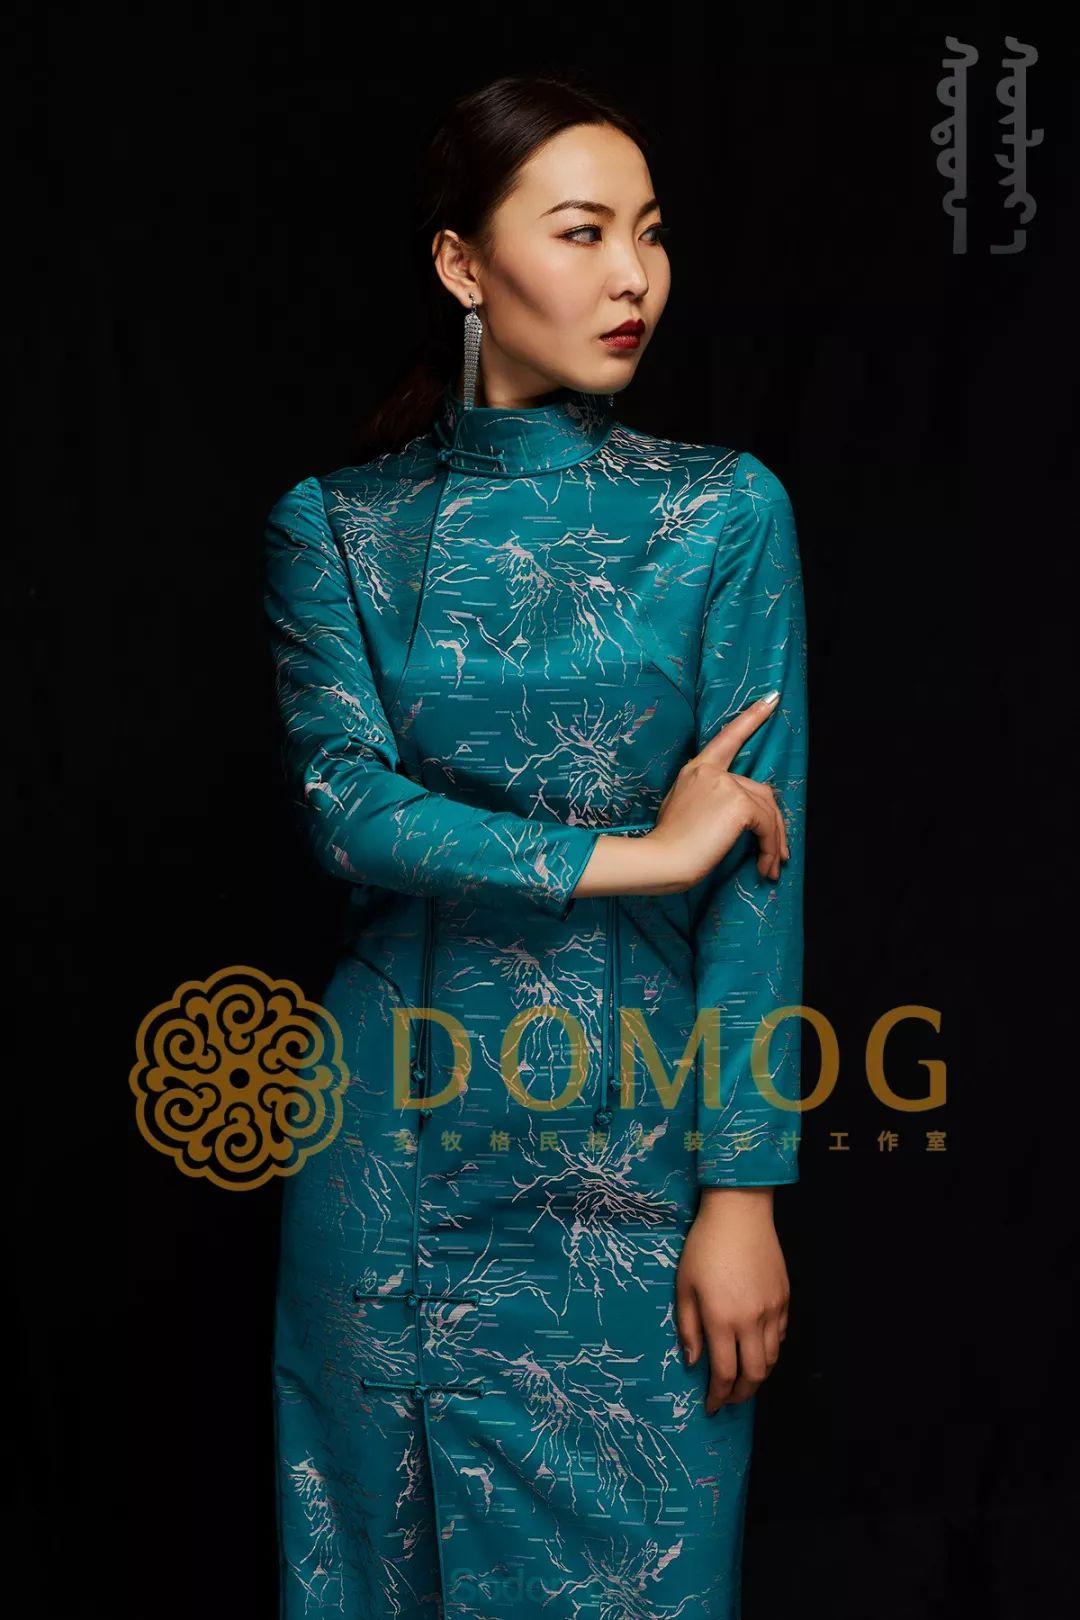 DOMOG蒙古时装绝美秋冬款系列,美出新高度! 第13张